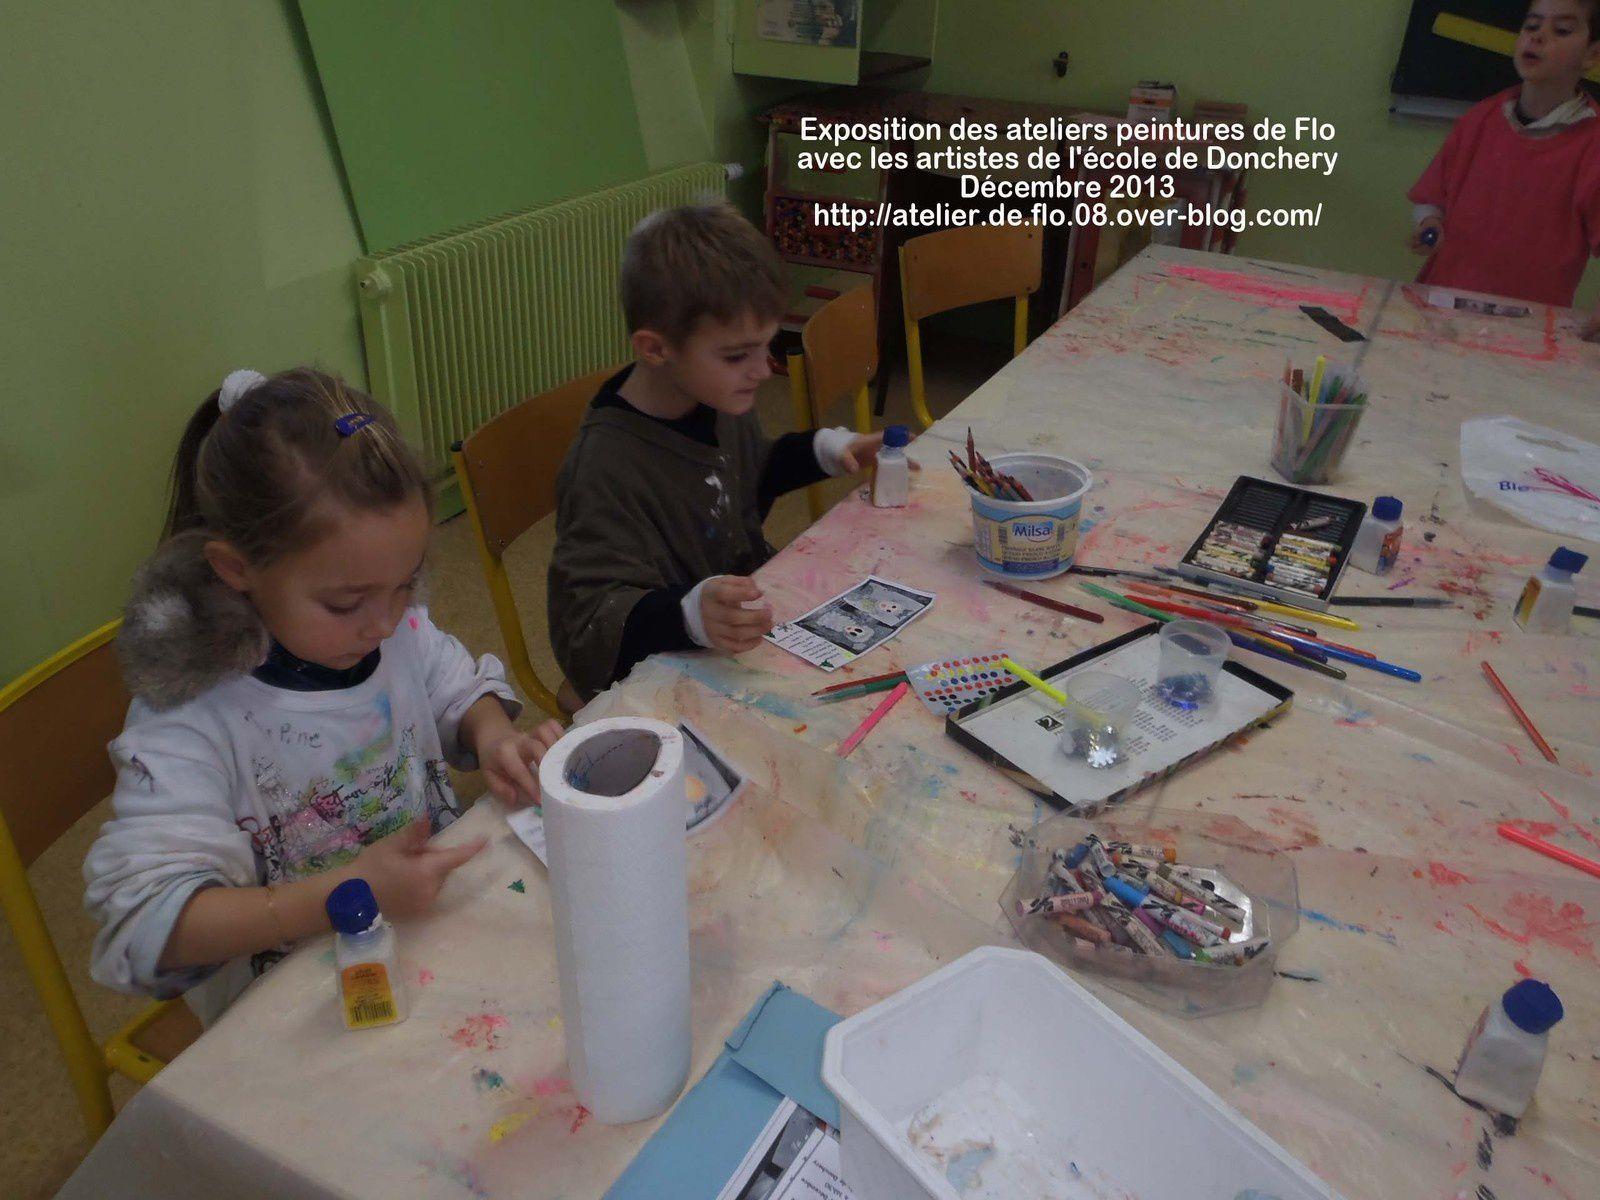 Les jeunes artistes préparent l'exposition